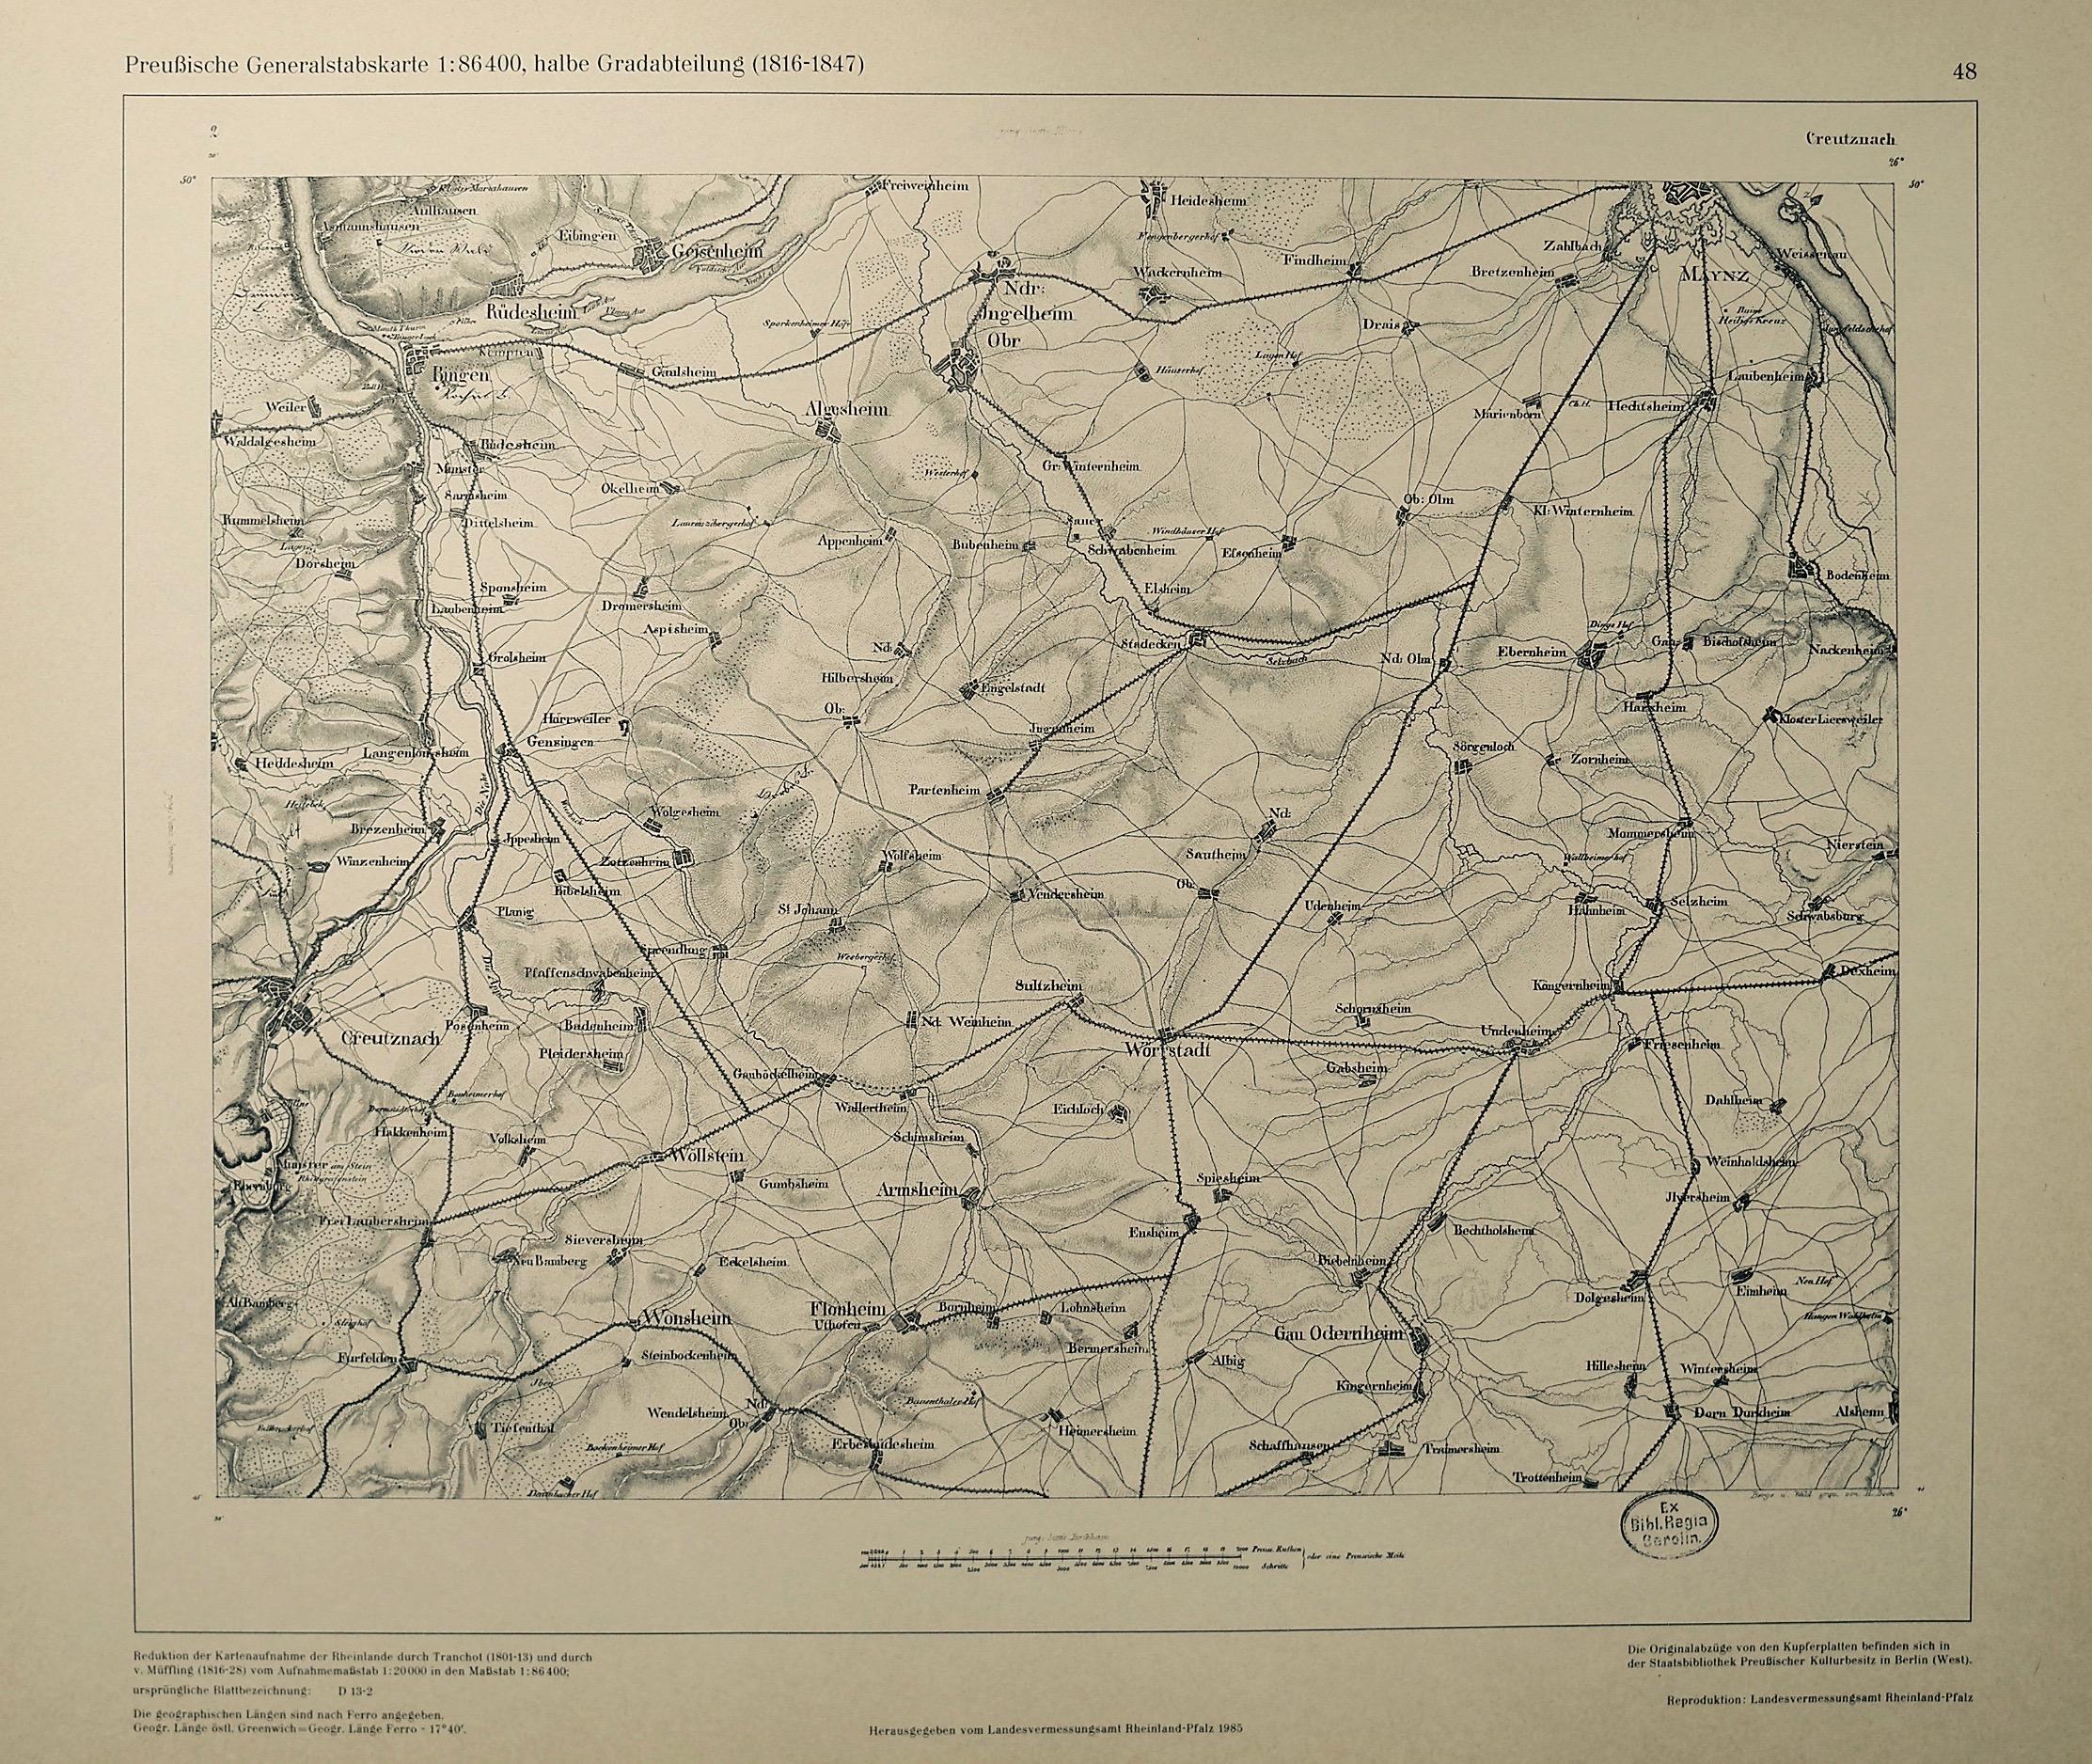 1816: Preußische Generalstabskarte